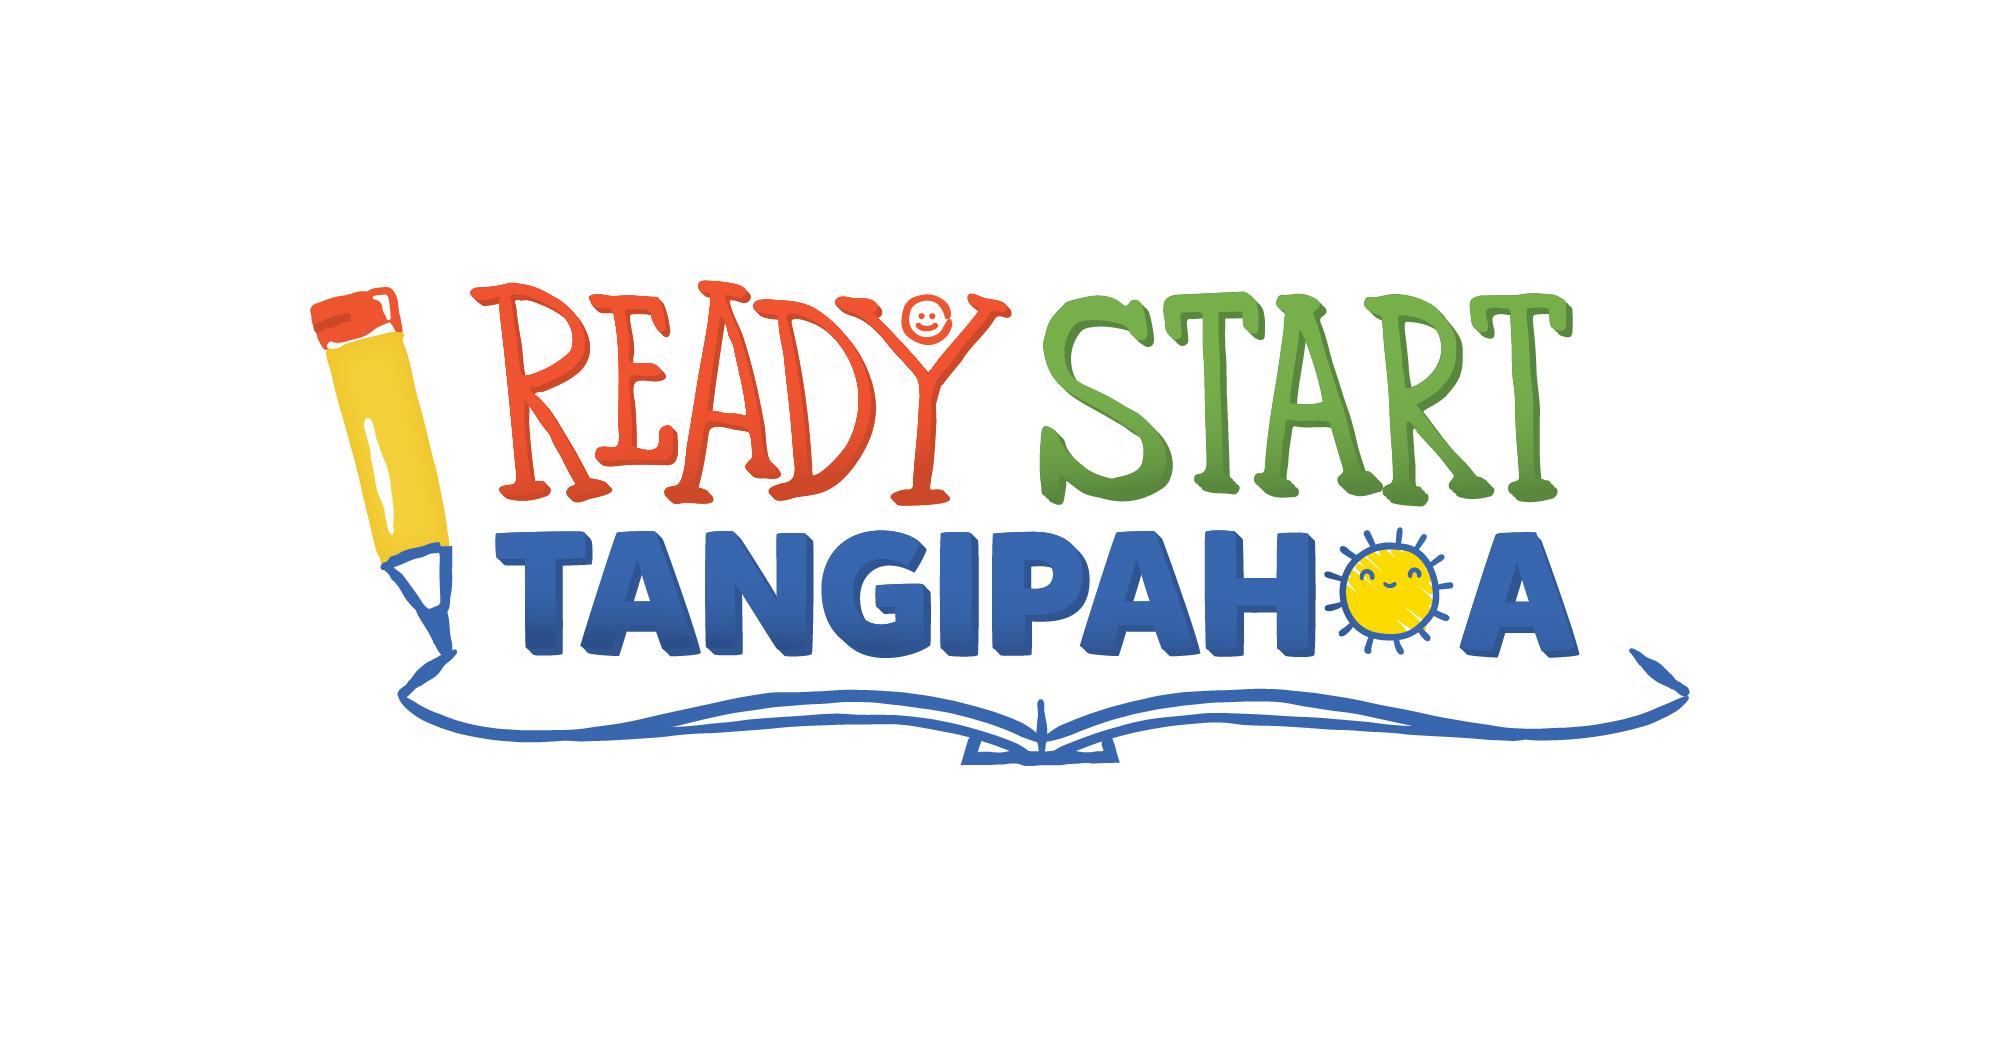 Ready Start Tangipahoa